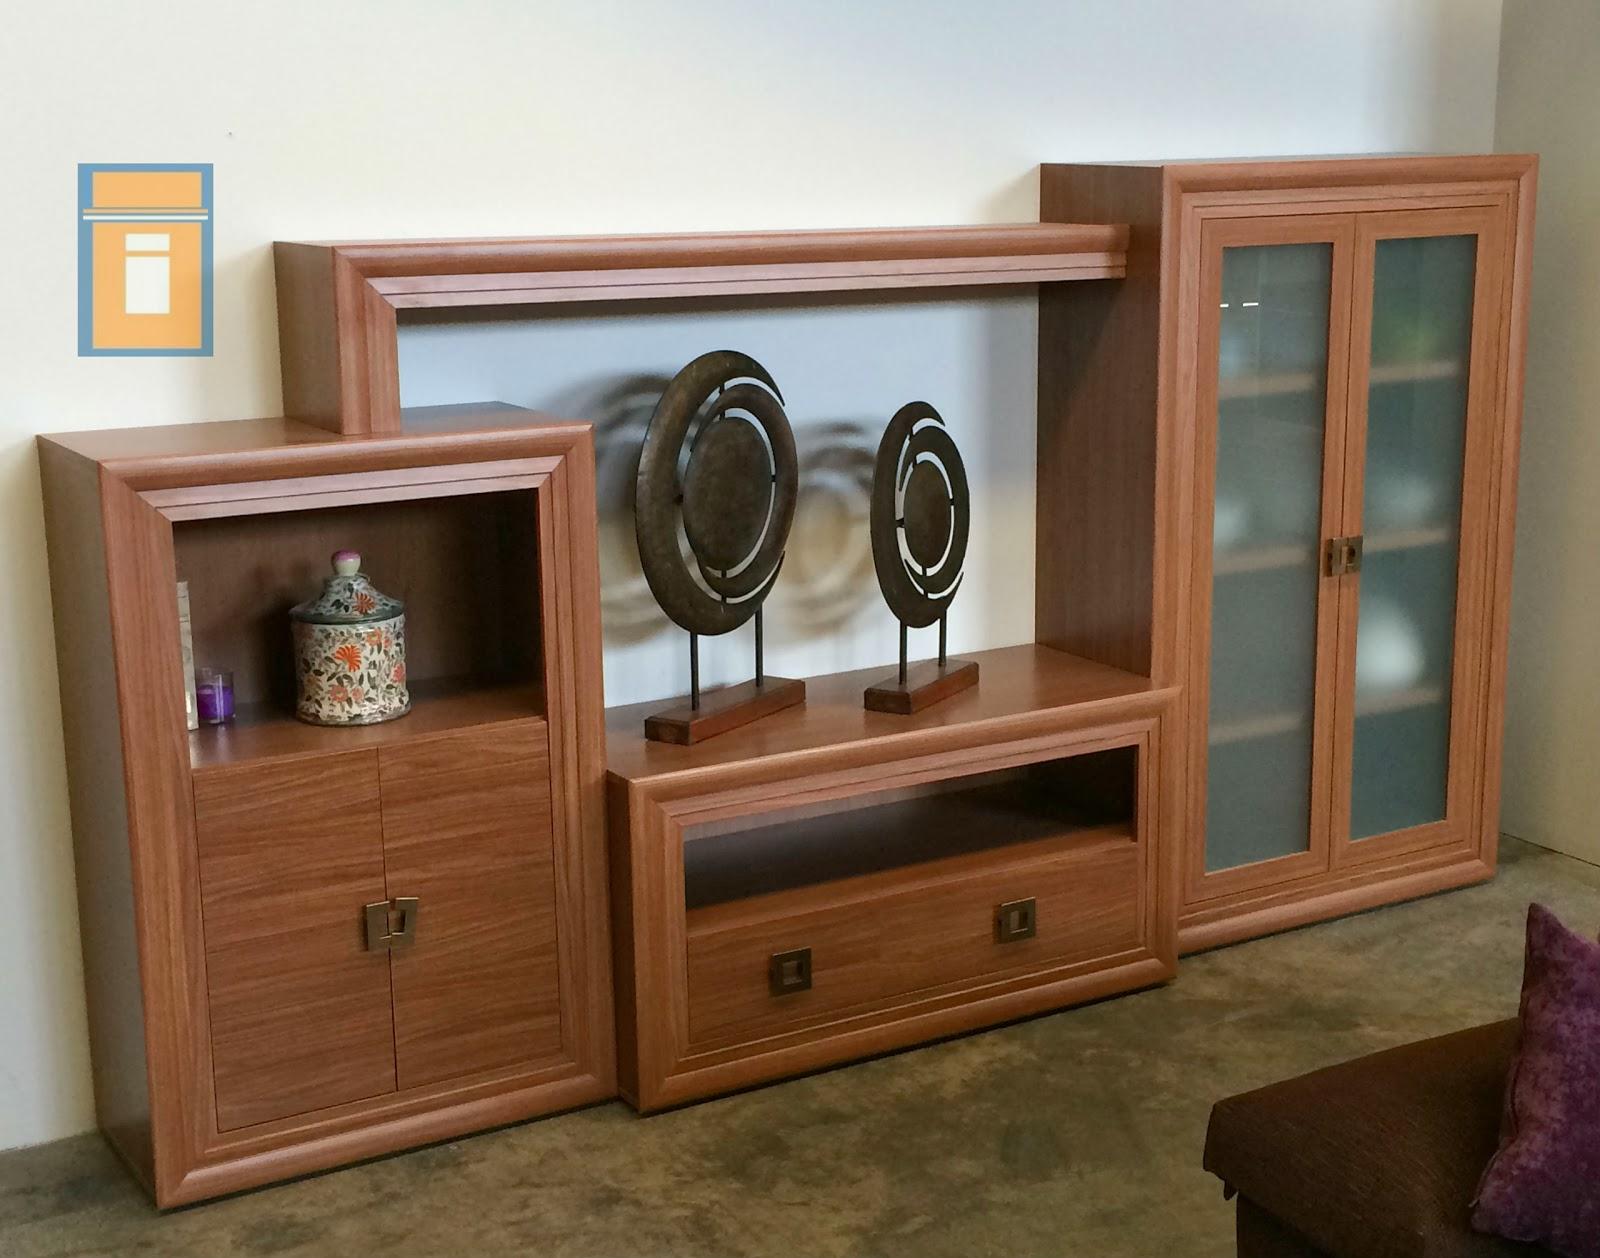 Armimobel muebles con vida liquidaci n de exposiciones for Liquidacion de muebles